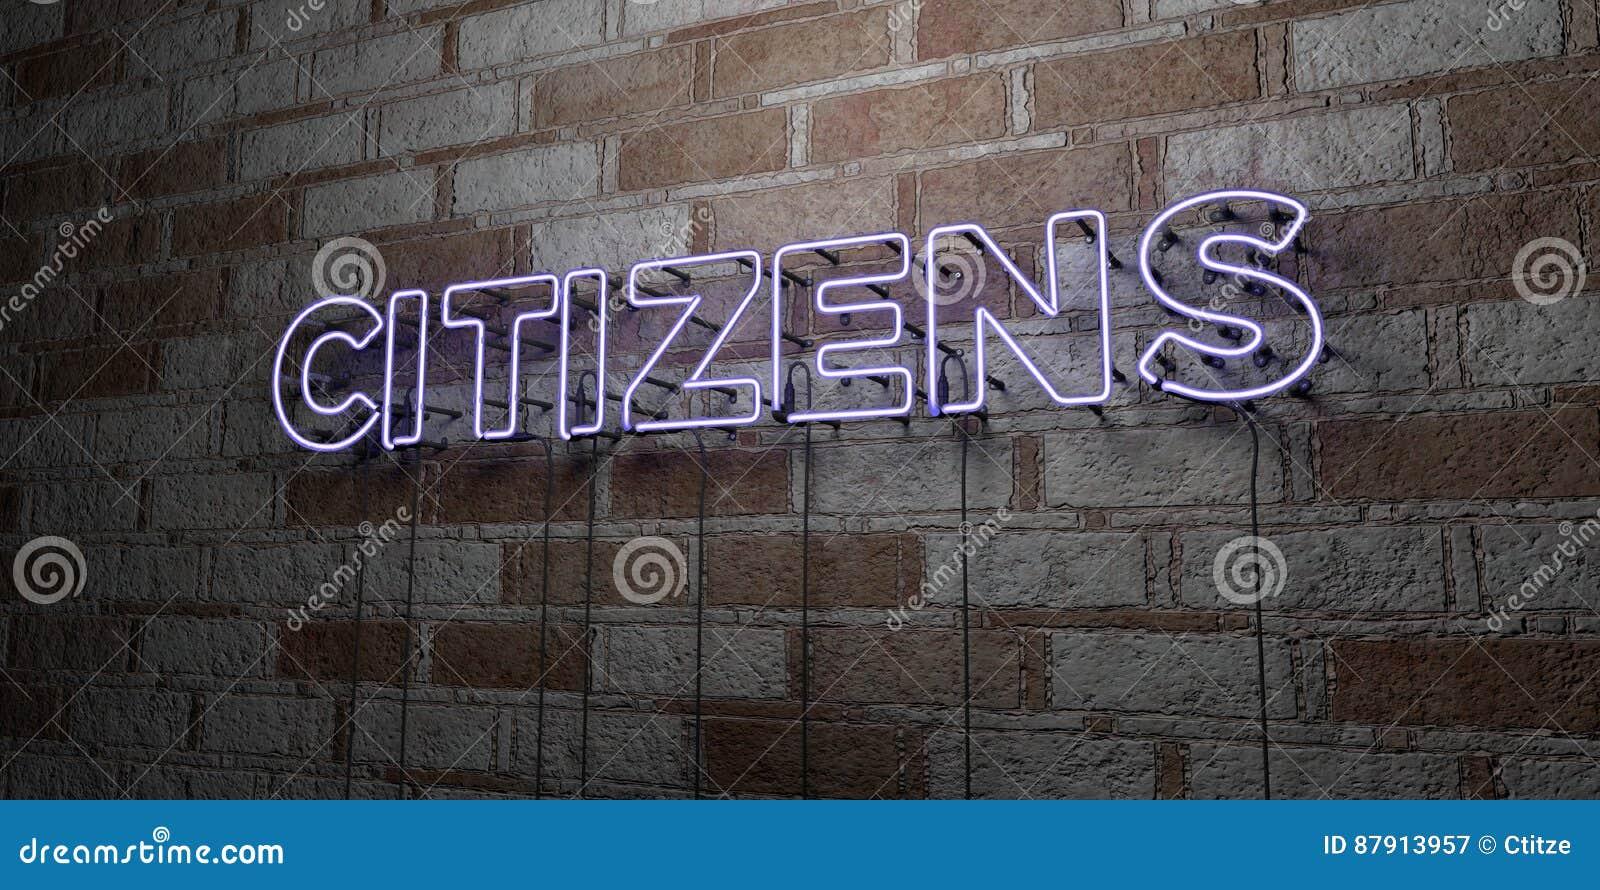 ΠΟΛΙΤΕΣ - Καμμένος σημάδι νέου στον τοίχο τοιχοποιιών - τρισδιάστατο δικαίωμα ελεύθερη απεικόνιση αποθεμάτων